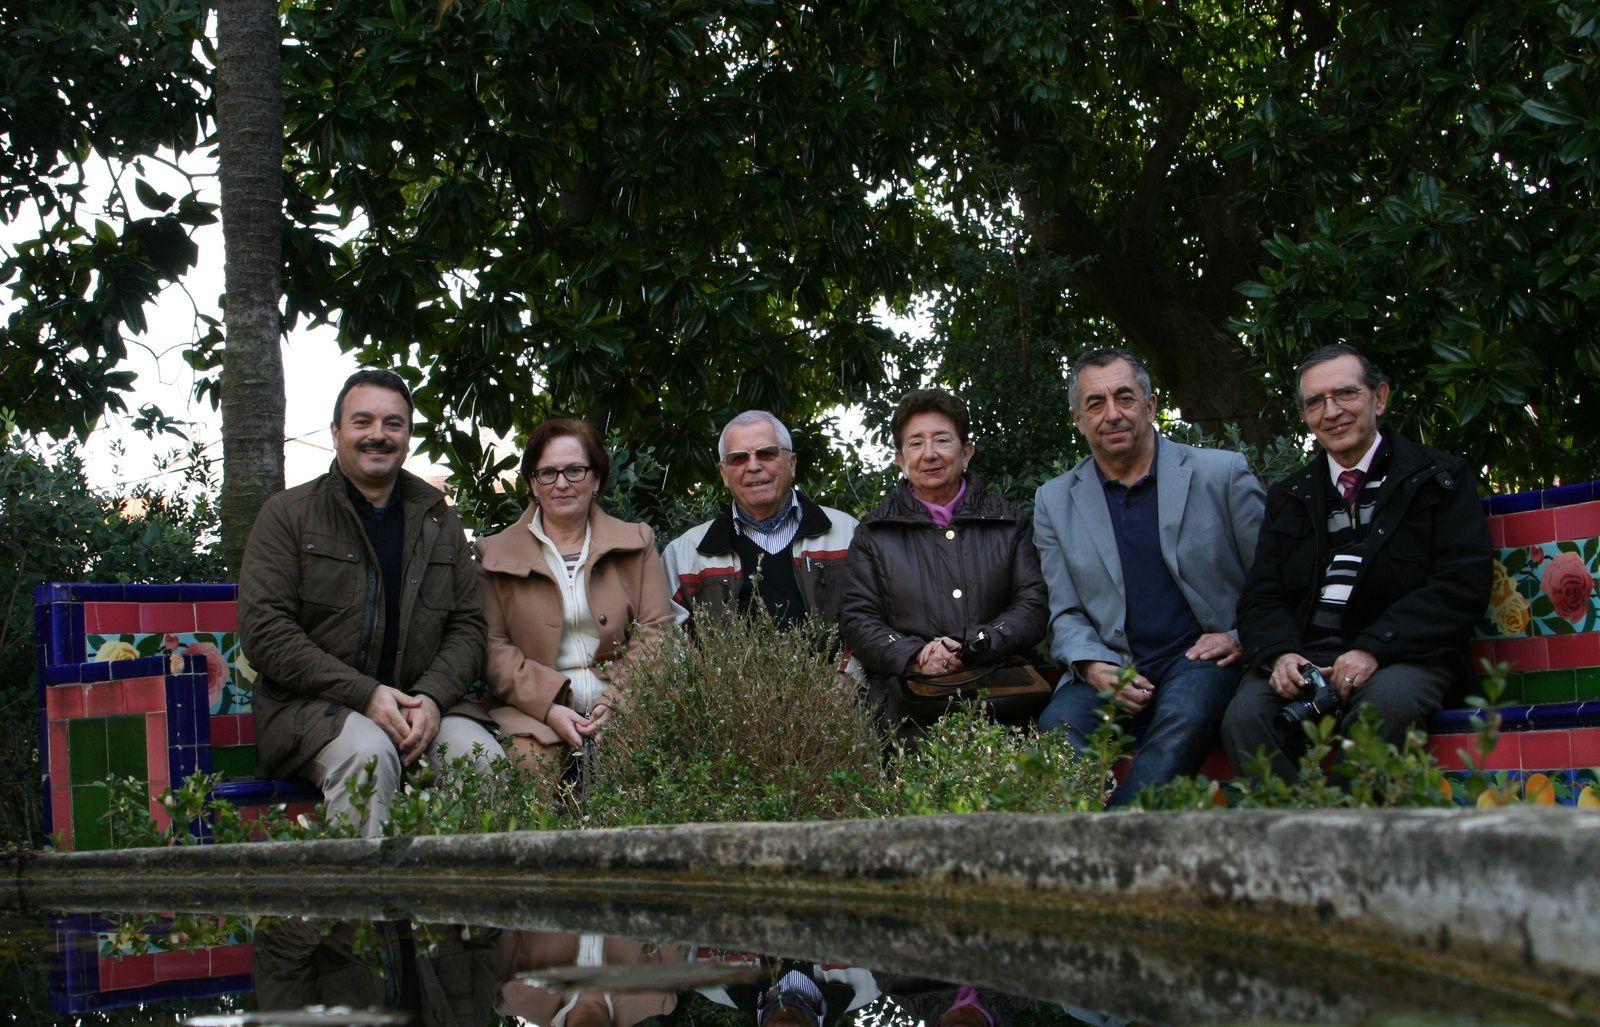 Visite de Mme et Mr Angel Lopez Garcia à Fontana Rosa le 14 février 2014 : (de Gauche à Droite - Mr Alain Delaboudinière, Mr Patrick Estève, Mr Angel Lopez Garcia, Mr Pierre Gerbaudo)